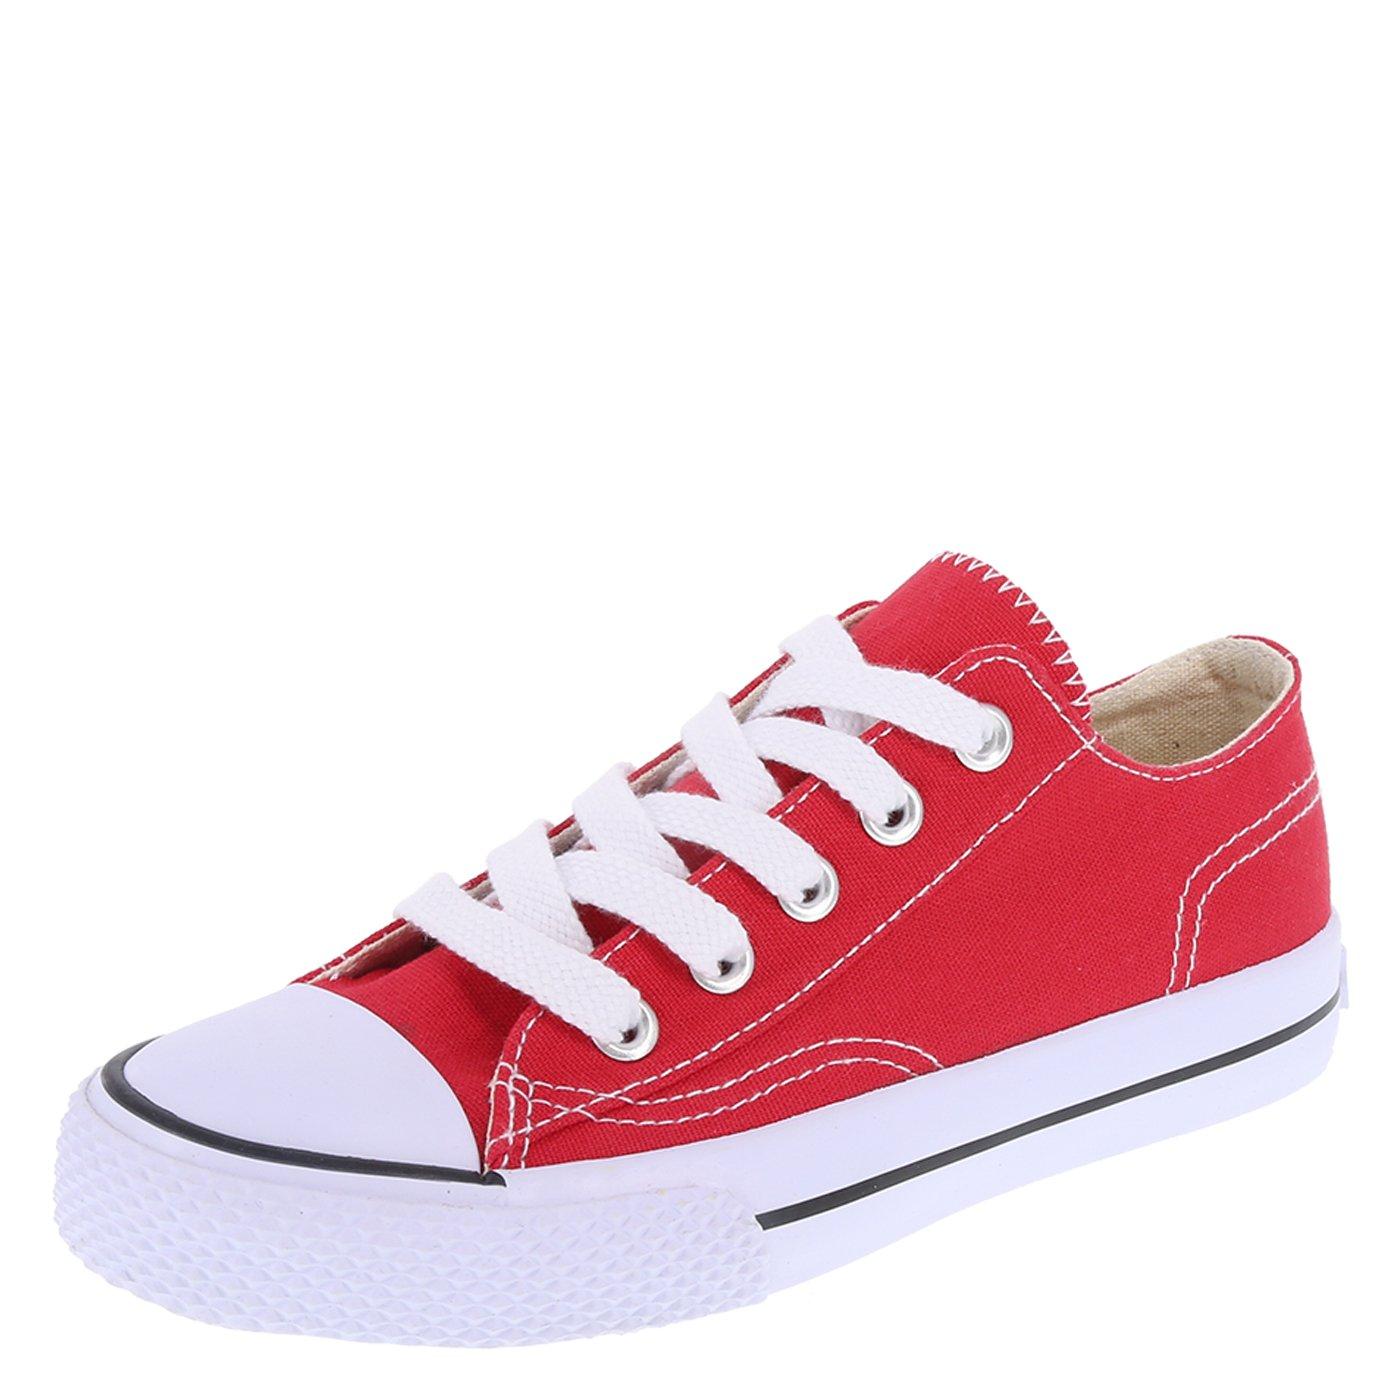 Airwalk Red Canvas Kids' Legacee Sneaker 4 Regular